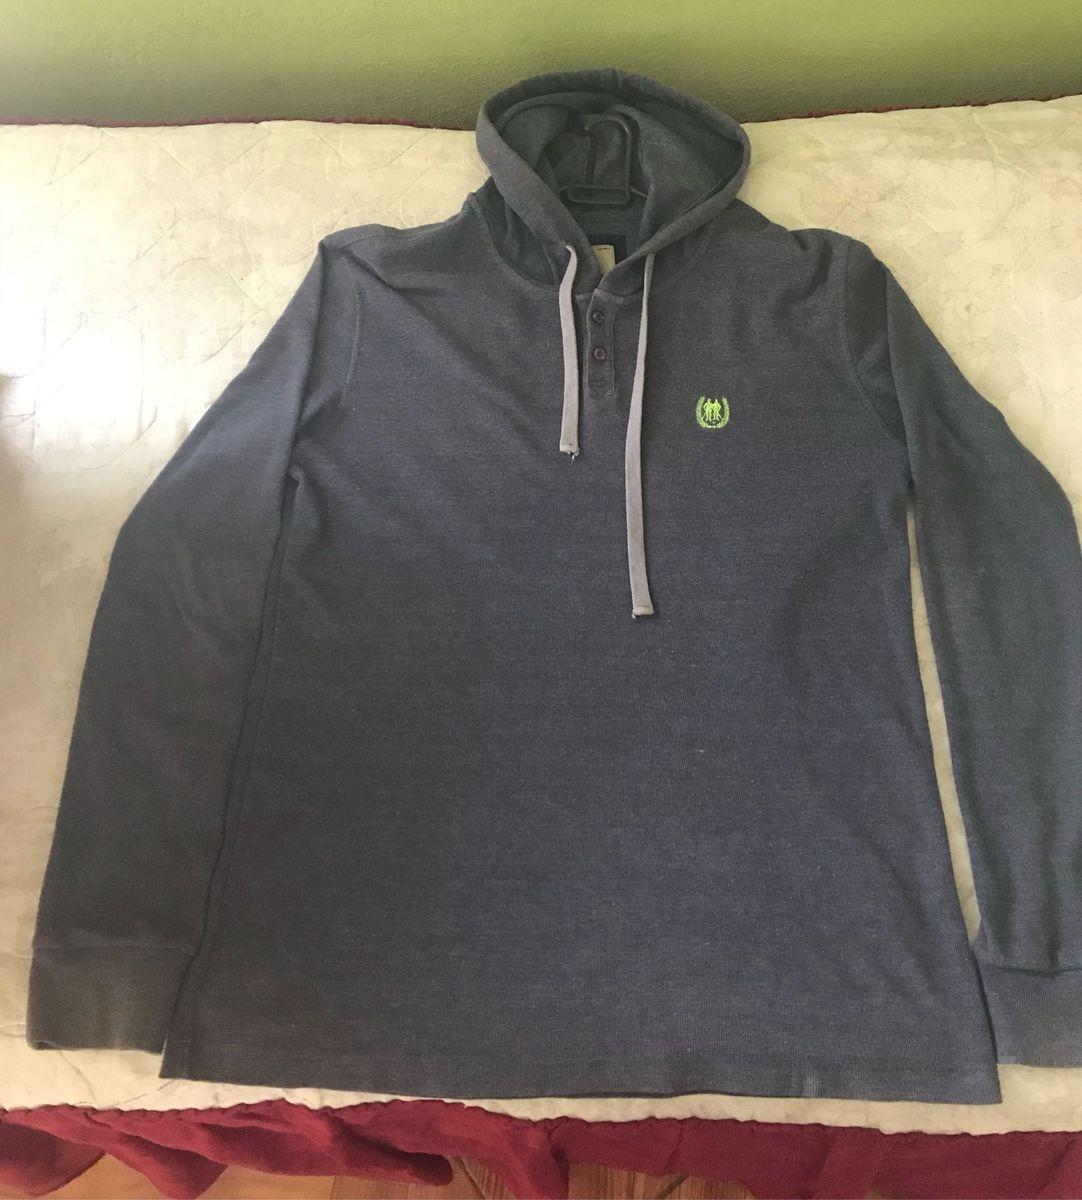 ce56aa3316bff blusa de frio polo - casacos polo wear.  Czm6ly9wag90b3muzw5qb2vplmnvbs5ici9wcm9kdwn0cy85mjm2mtg1lzljmdnkmtm5ndu3nwnkmzyyzme5mtzlztc1mjrin2jllmpwzw  ...